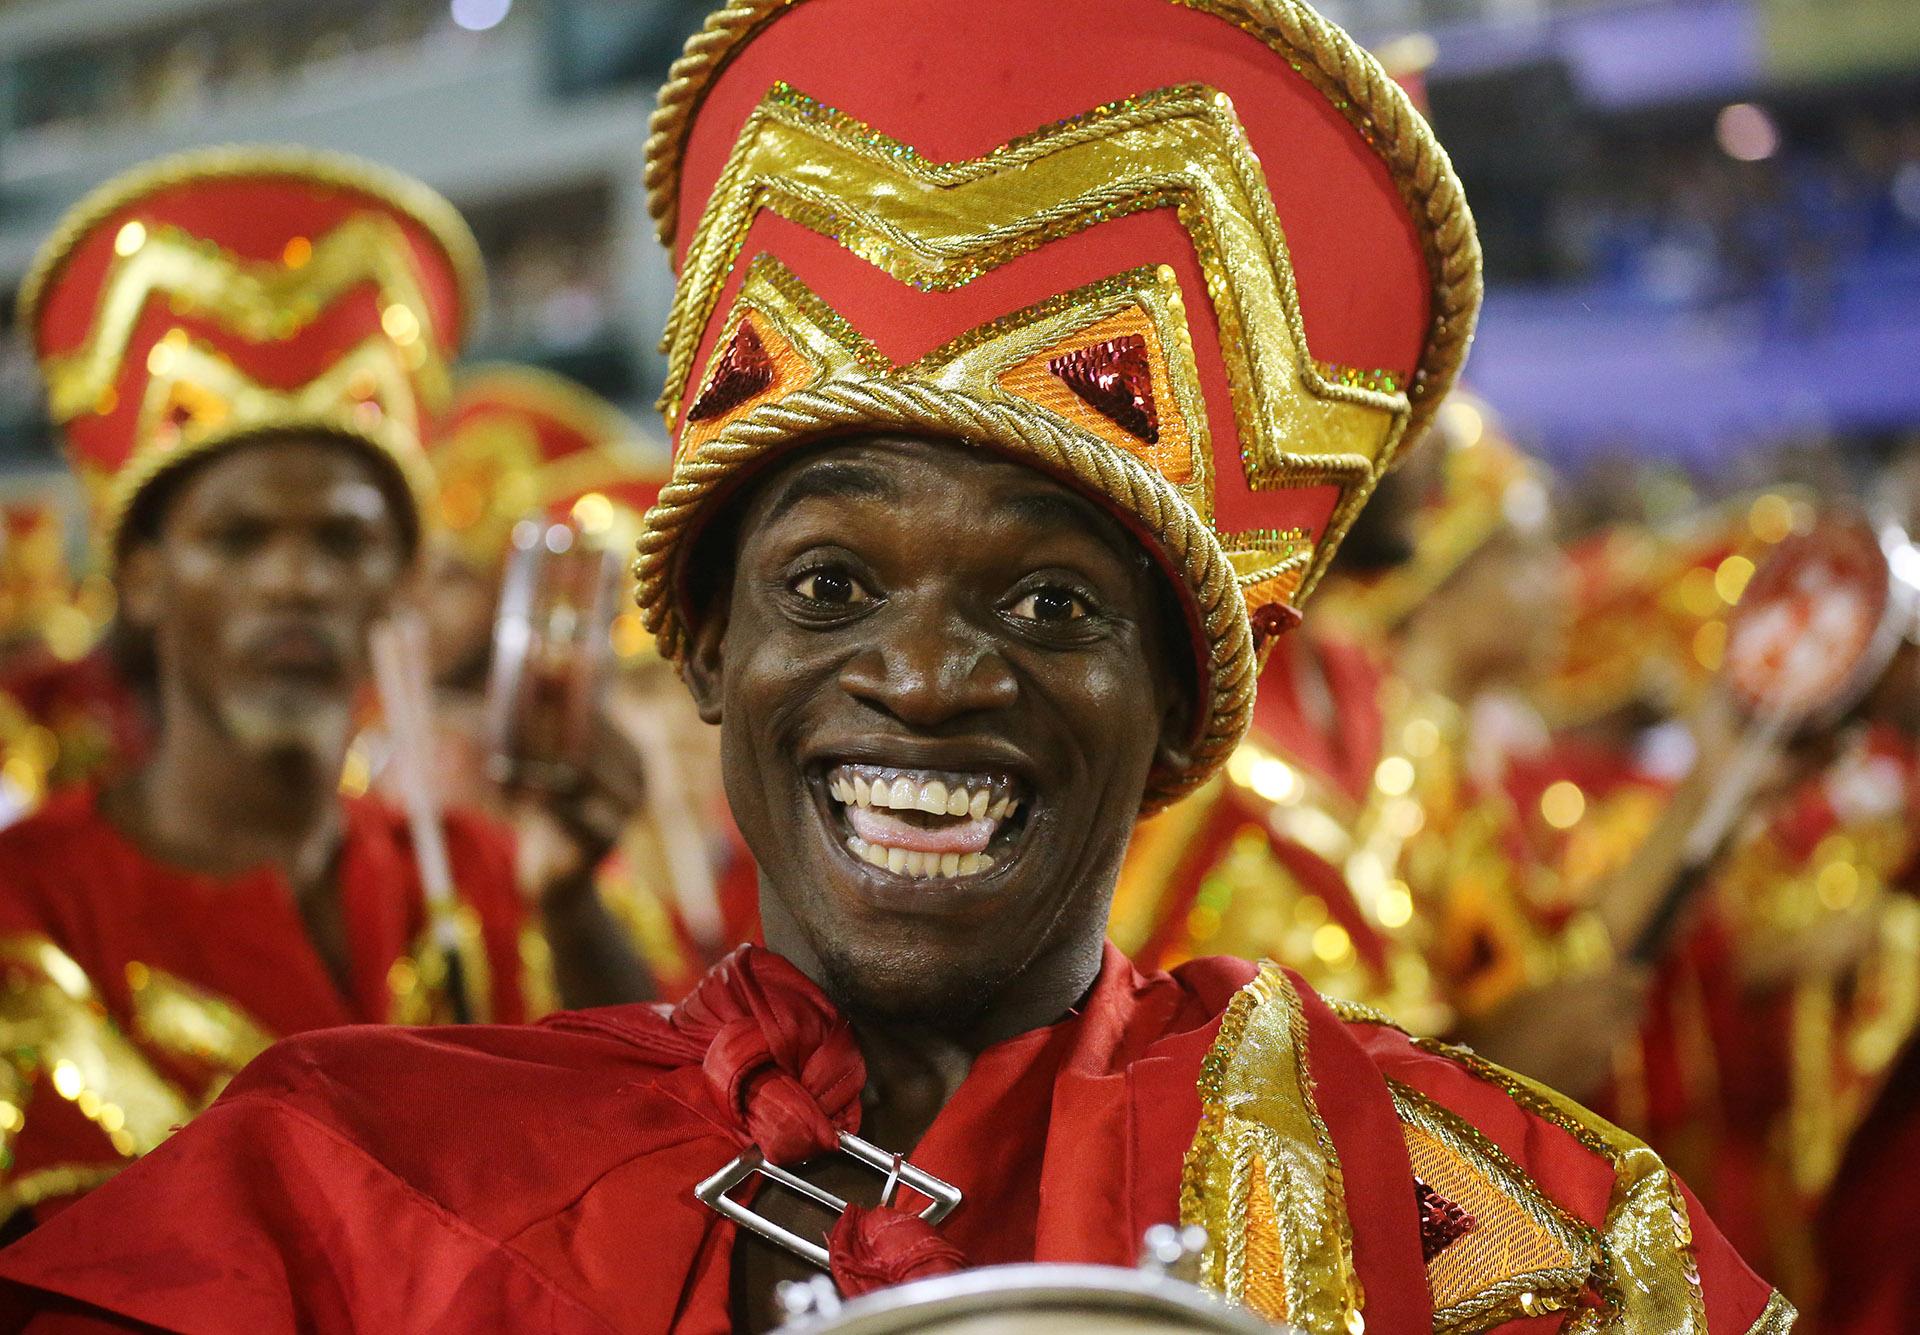 """El carnaval """"fue creado por el pueblo, con matrices africanas, y se fue volviendo una pieza de empresarios y políticos"""", que gustaban mostrarse en exclusivos camarotes del Sambódromo. """"Pero ahora se está retomando el carnaval de la calle y el Sapucaí retoma una vocación política que ya tenía"""", agrega Lins"""